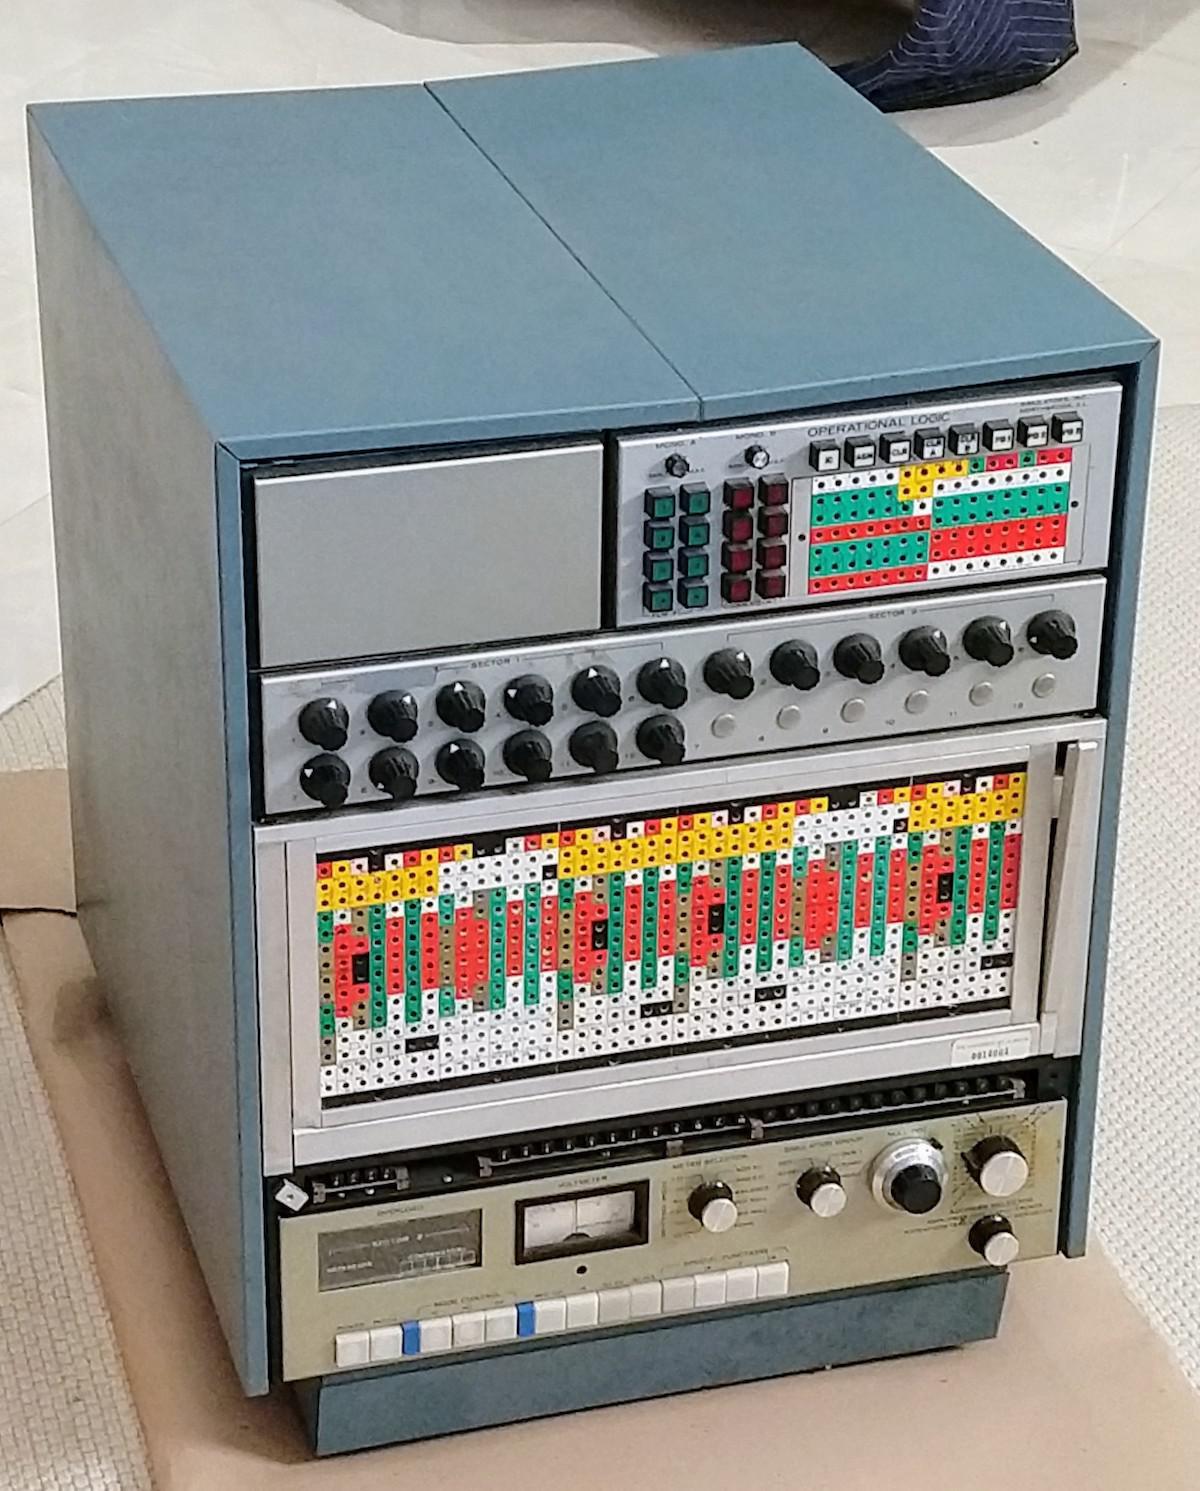 Реверс-инжиниринг малошумящих операционных усилителей из аналогового компьютера 1969 года - 1